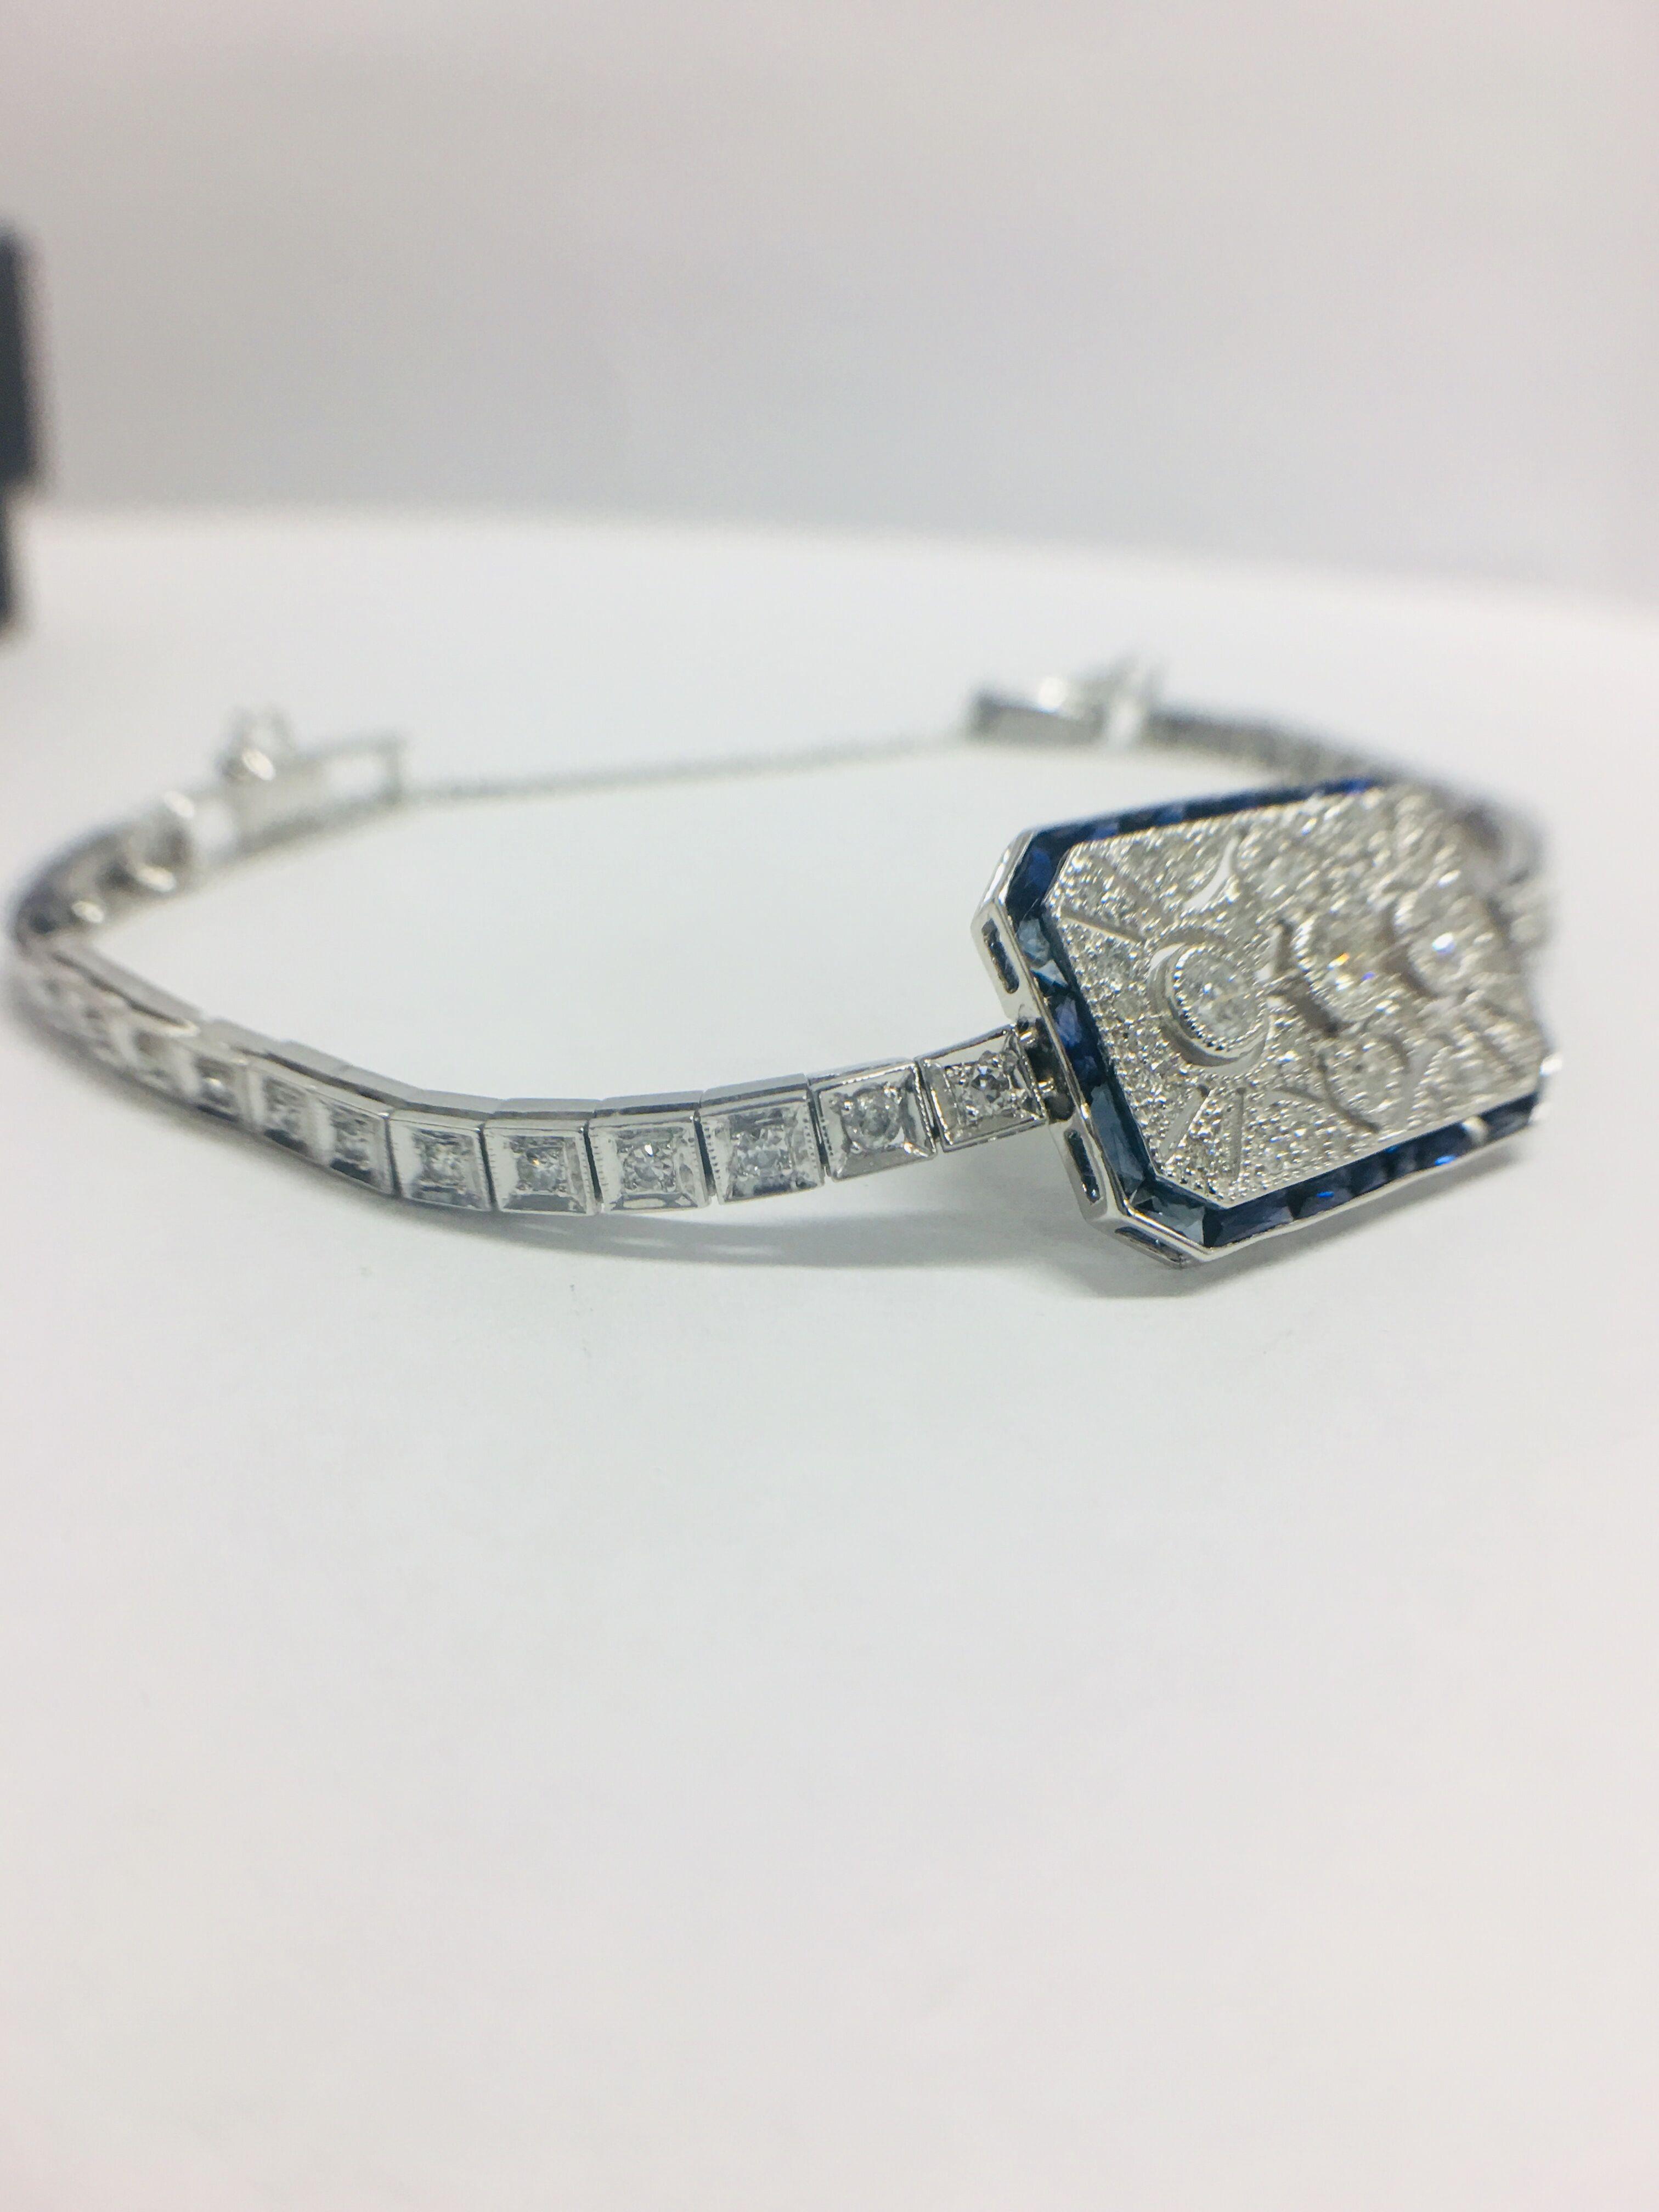 Platinum Cocktail Bracelet - Image 3 of 12